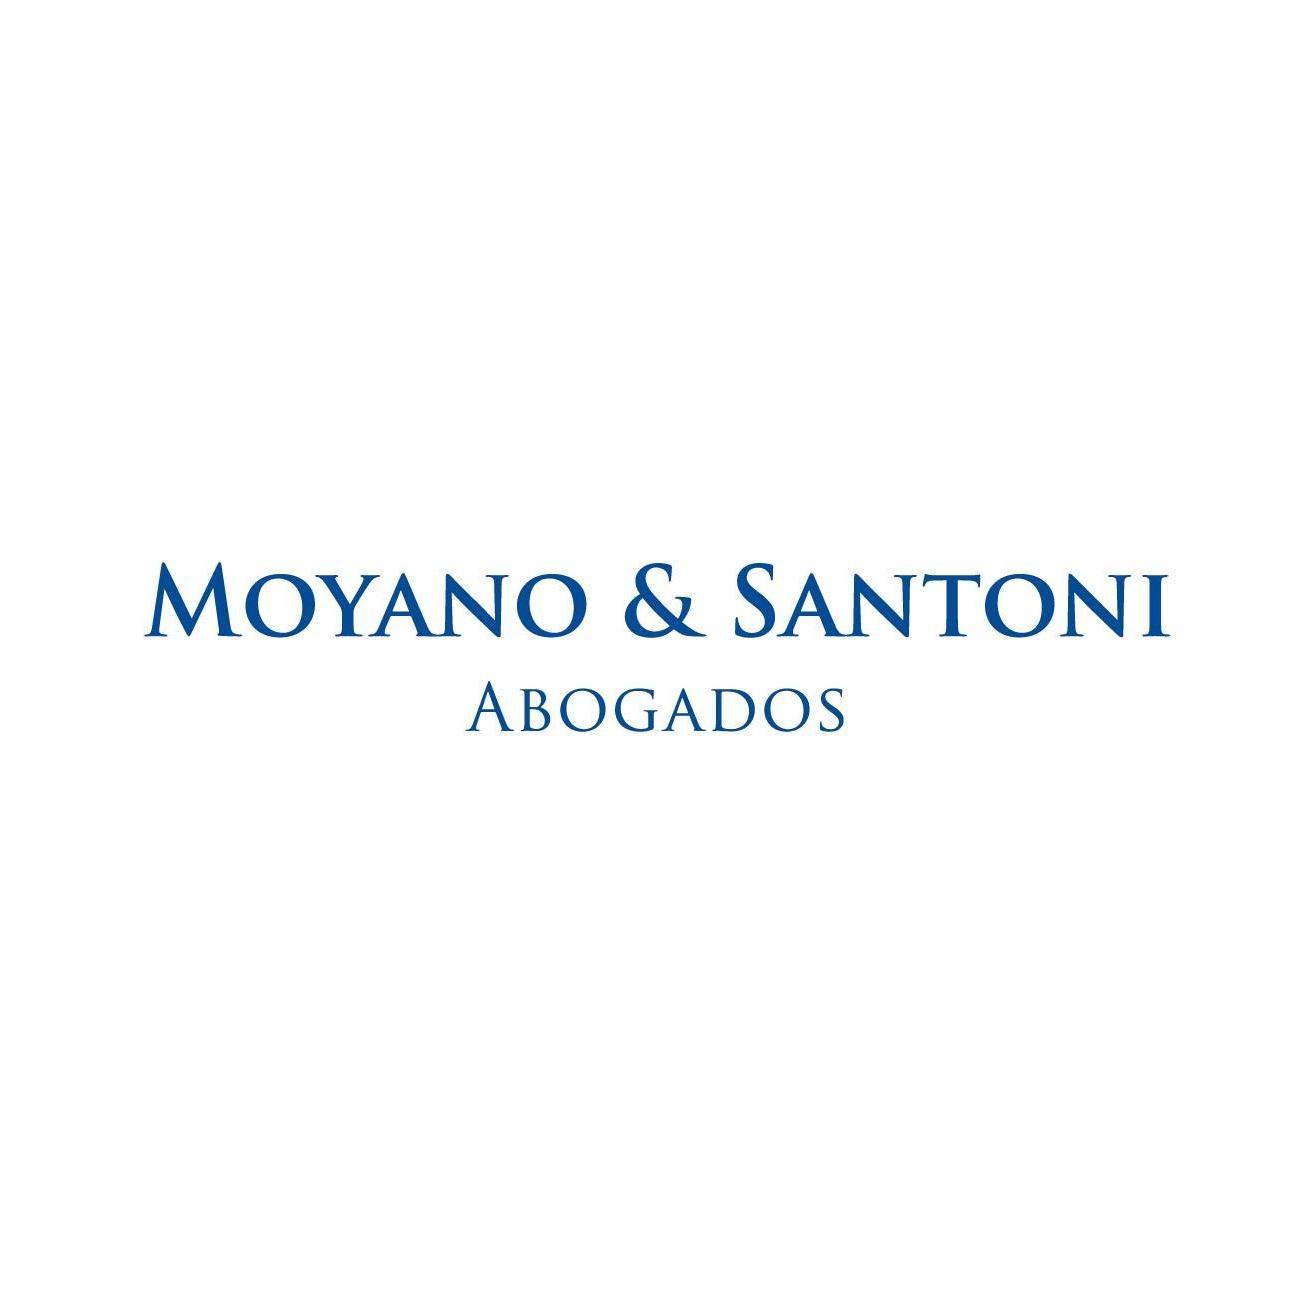 Moyano & Santoni Abogados